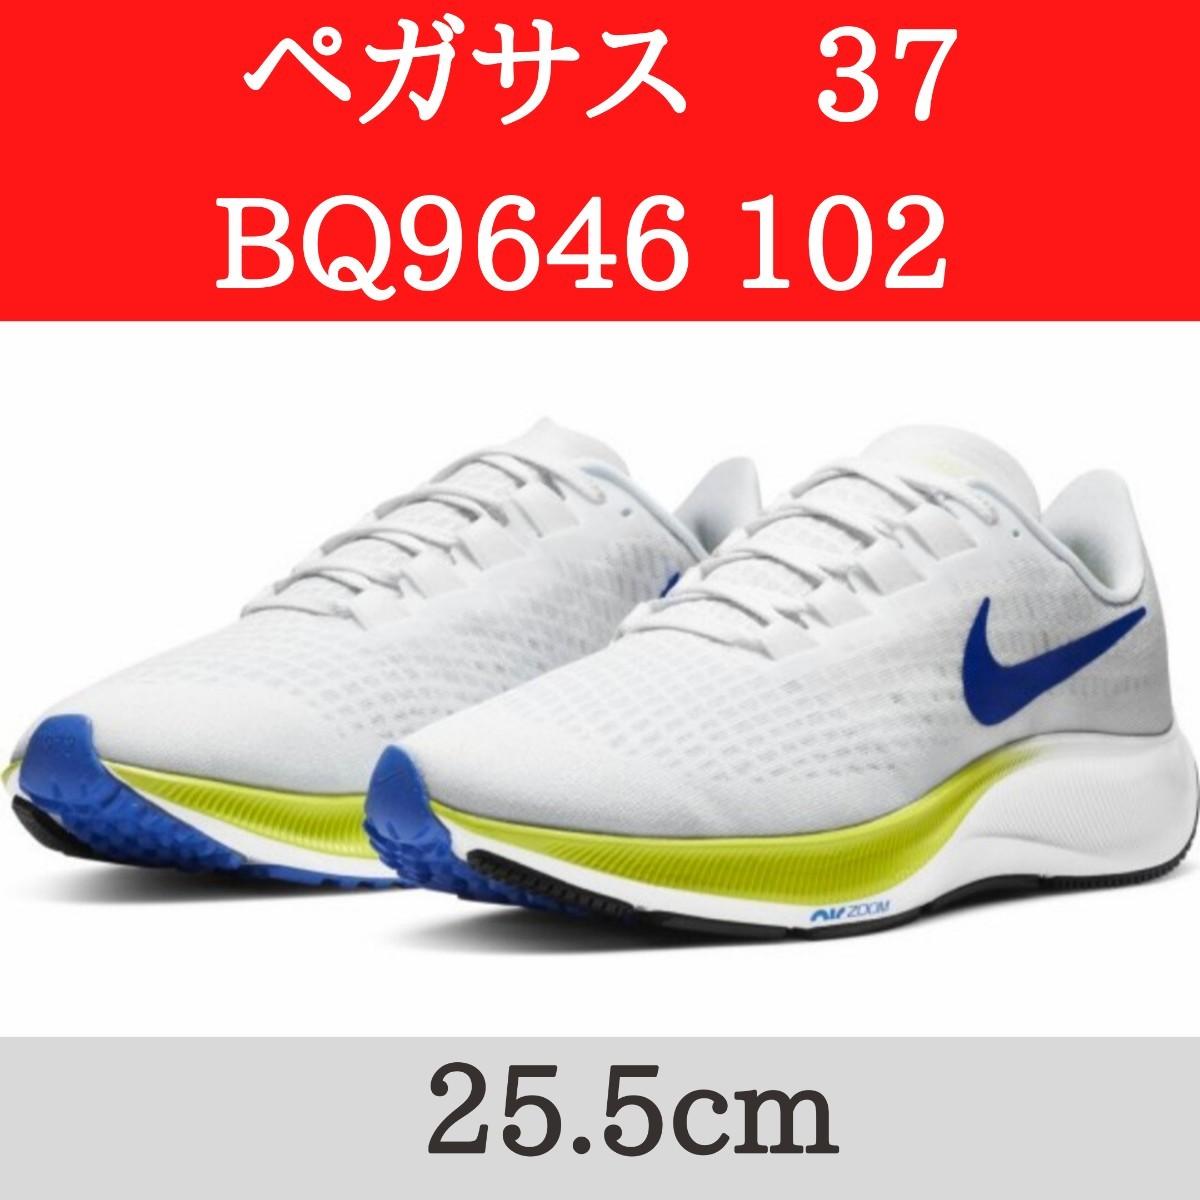 ナイキ エア ズーム ペガサス 37 AIR ZOOM PEGASUS 37 BQ9646 102 ホワイト×ブルー 25.5cm